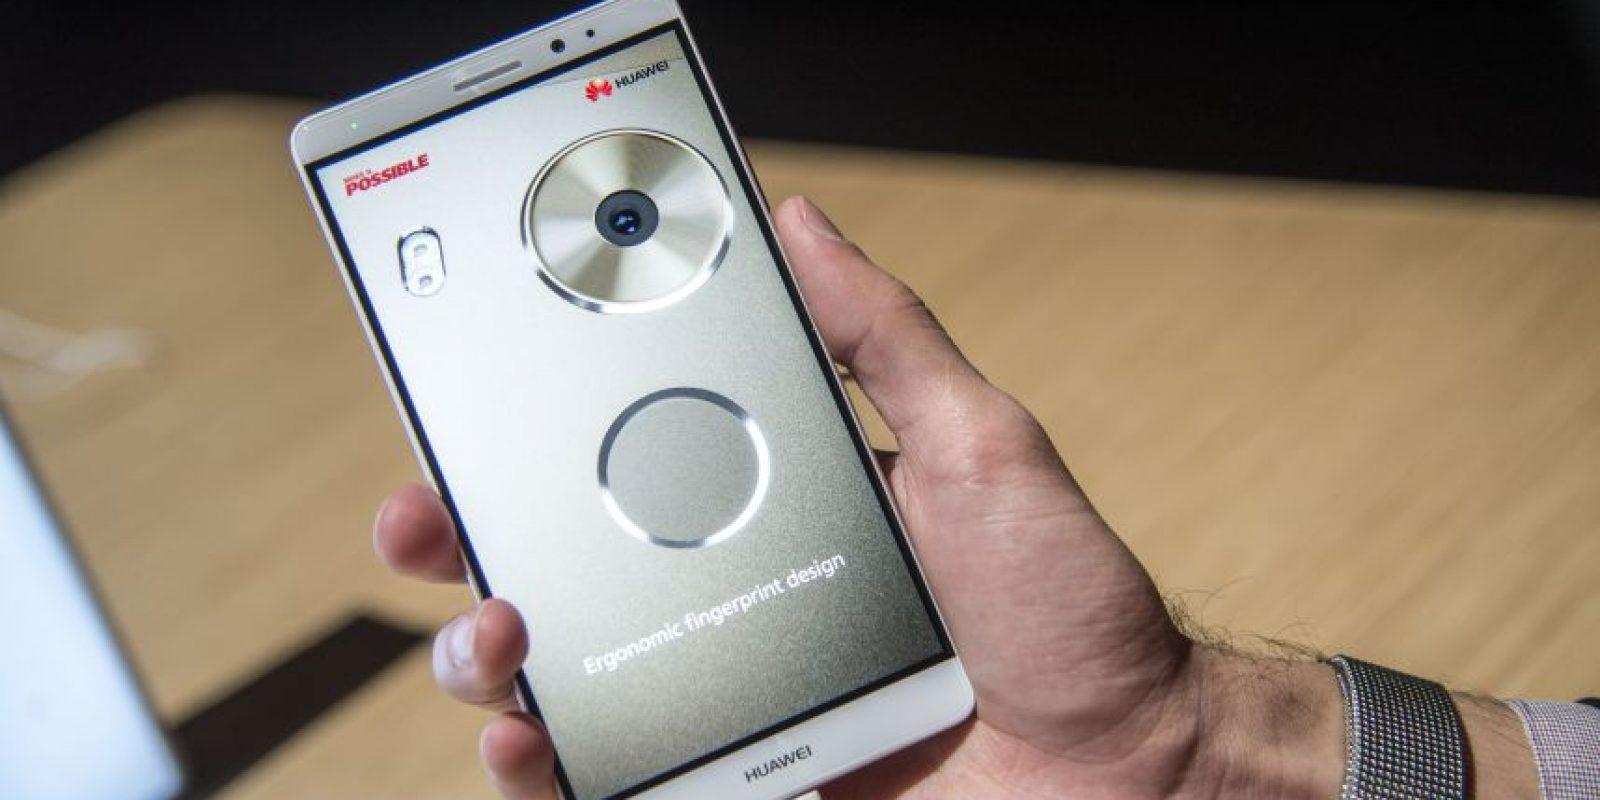 """La tecnología de la huella digital además del bloqueo y desbloqueo del smartphone sirve para tomar las """"selfies"""" de una forma innovadora Foto:LUIS CARLOS NÁJERA"""